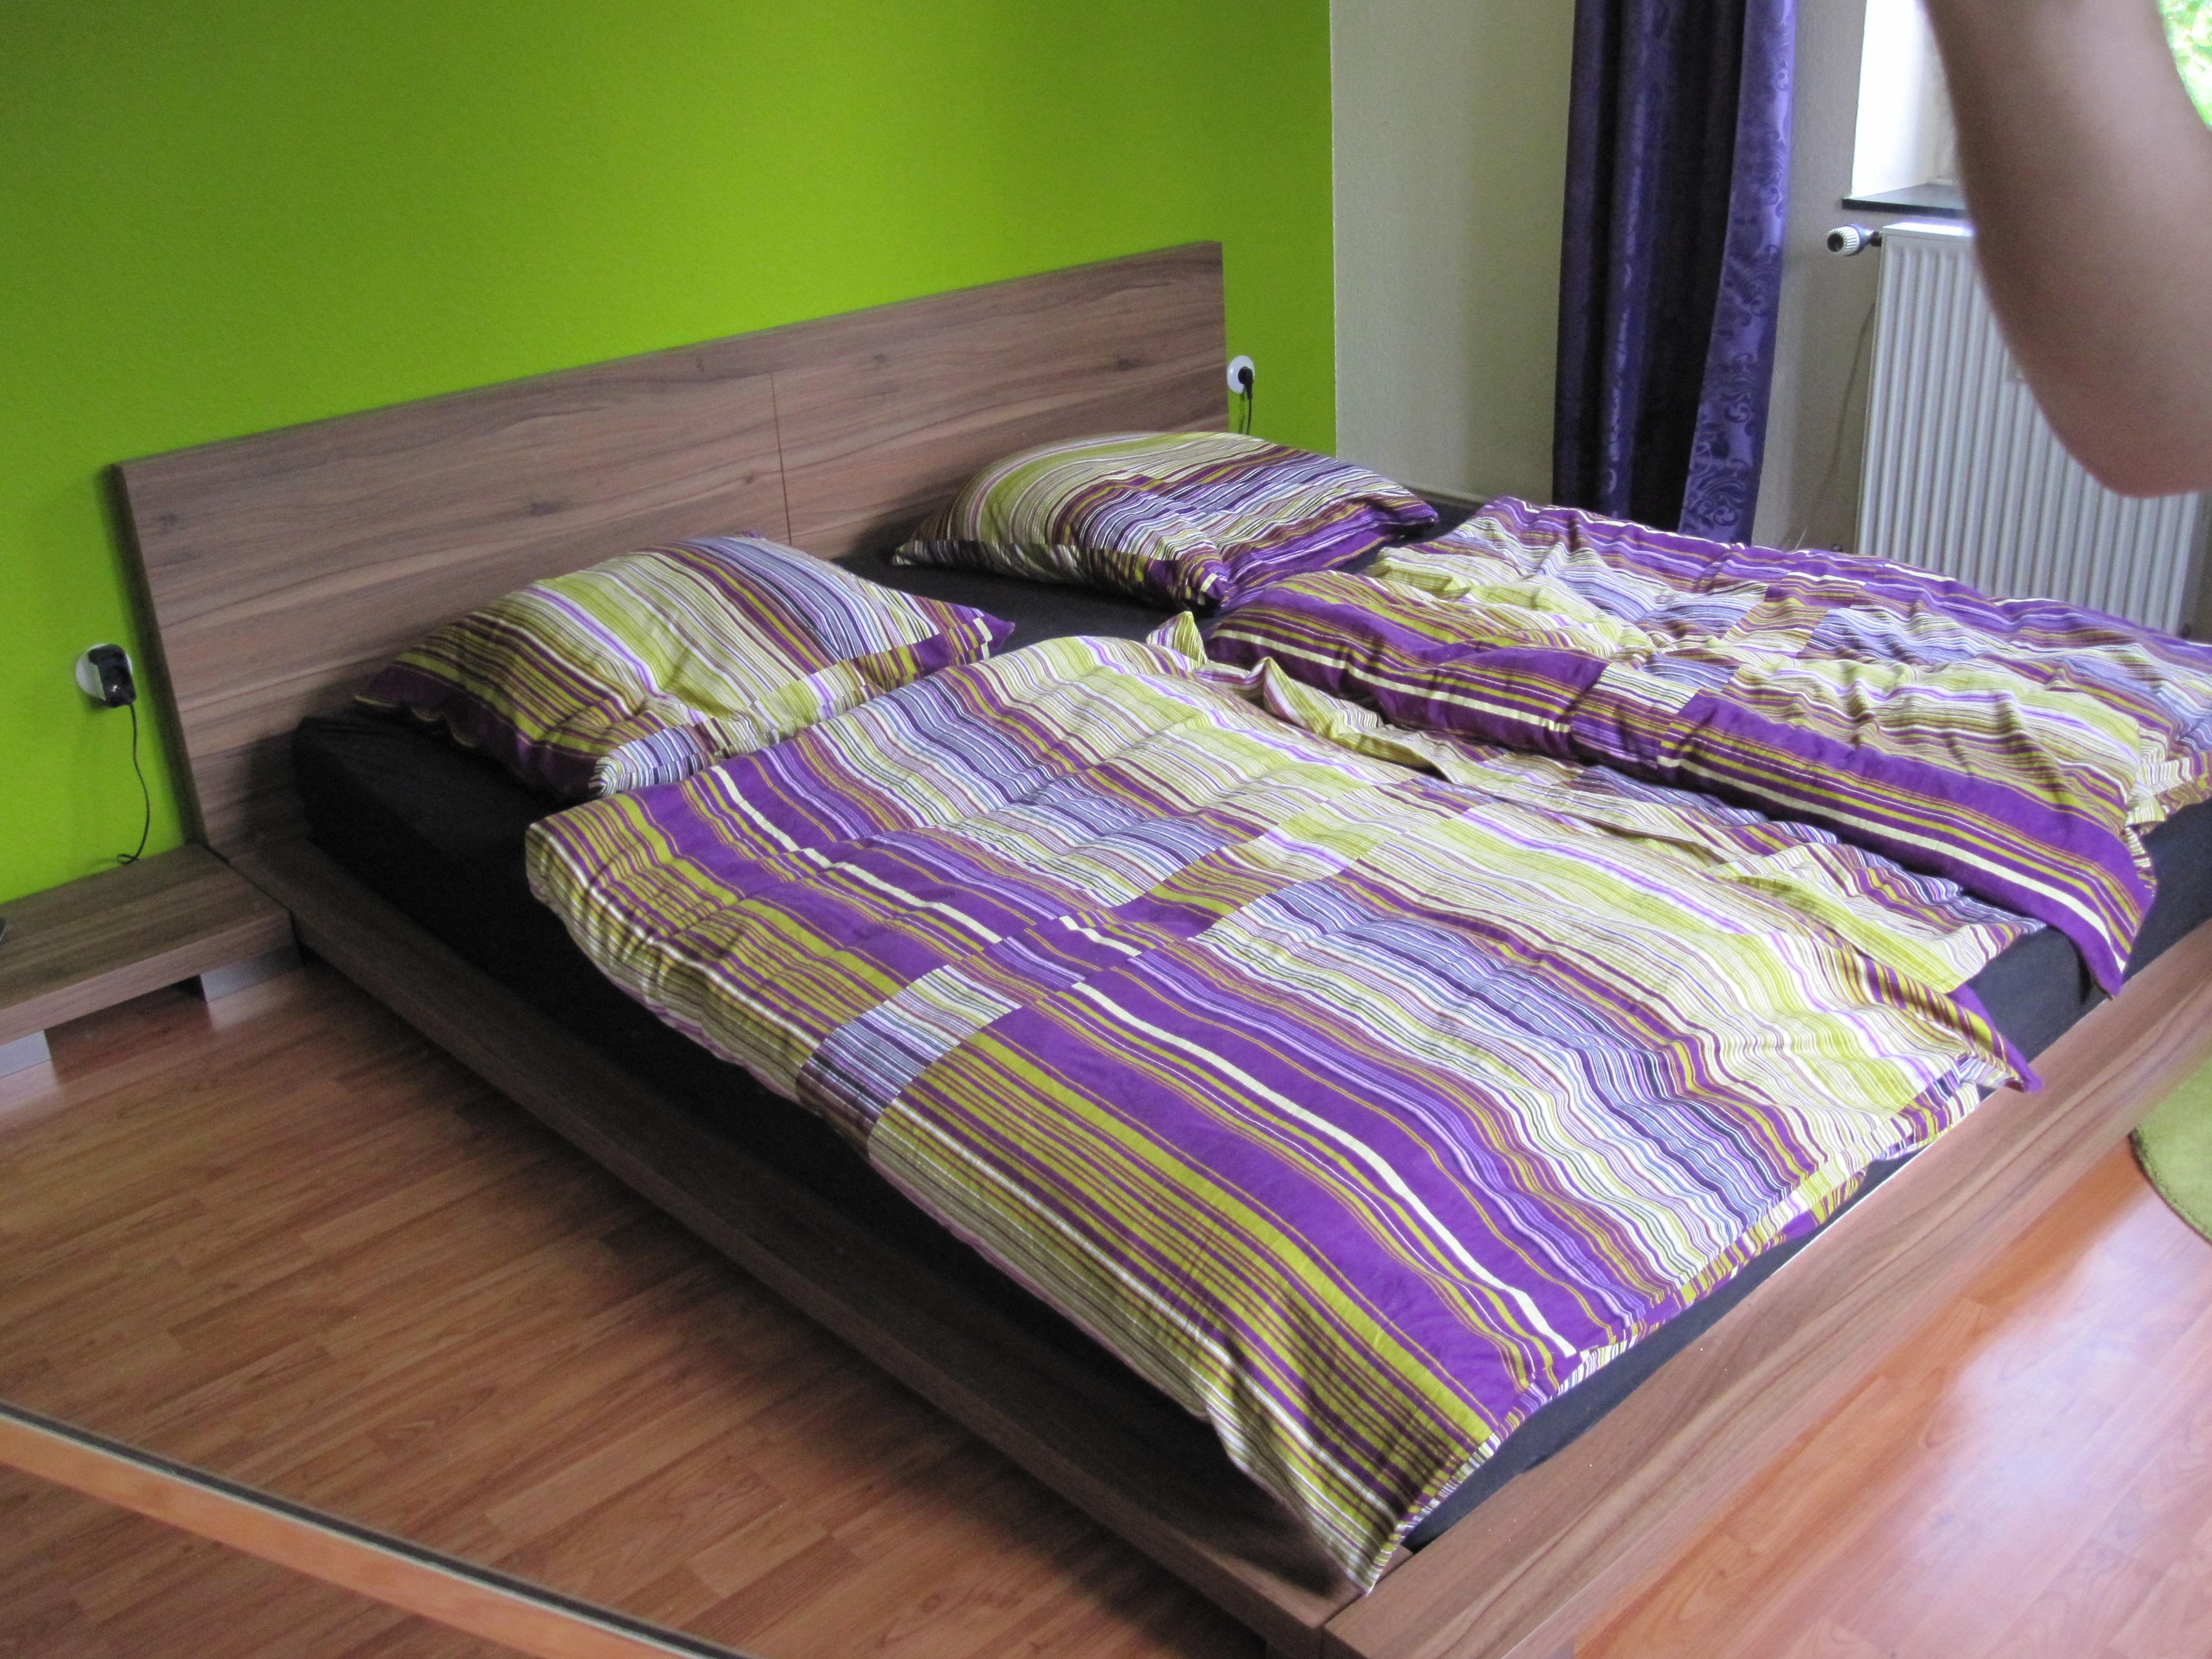 wasserbett eckig softside in schwabhausen m bel und haushalt kleinanzeigen. Black Bedroom Furniture Sets. Home Design Ideas